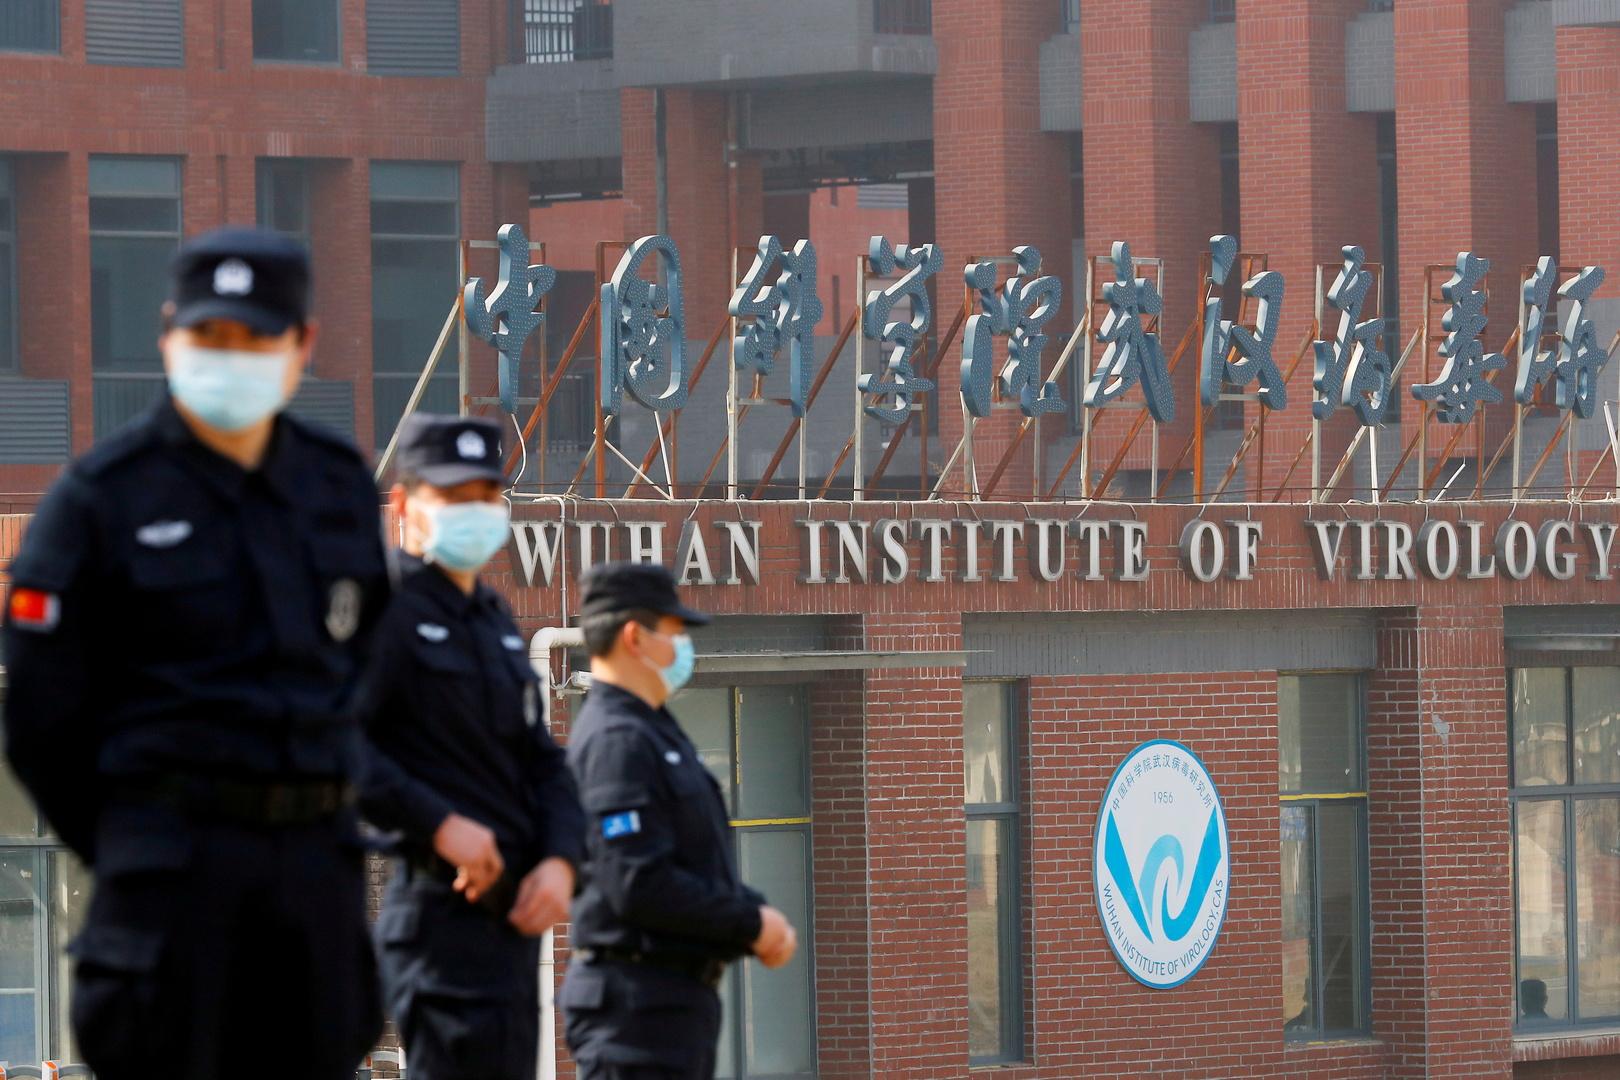 الصين تعلن رفضها لمقترح منظمة الصحة العالمية الجديد للتحقيق في أصل كورونا